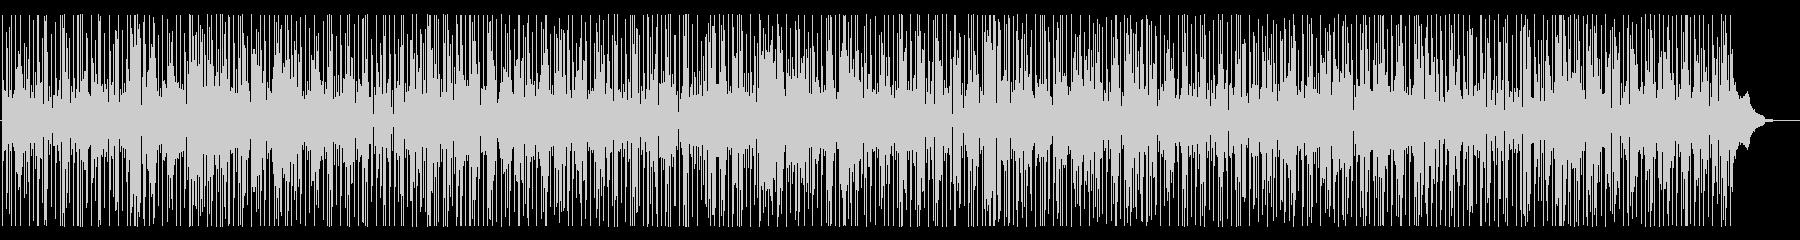 踊れるファンクジャズ・ノリノリ・管楽器の未再生の波形